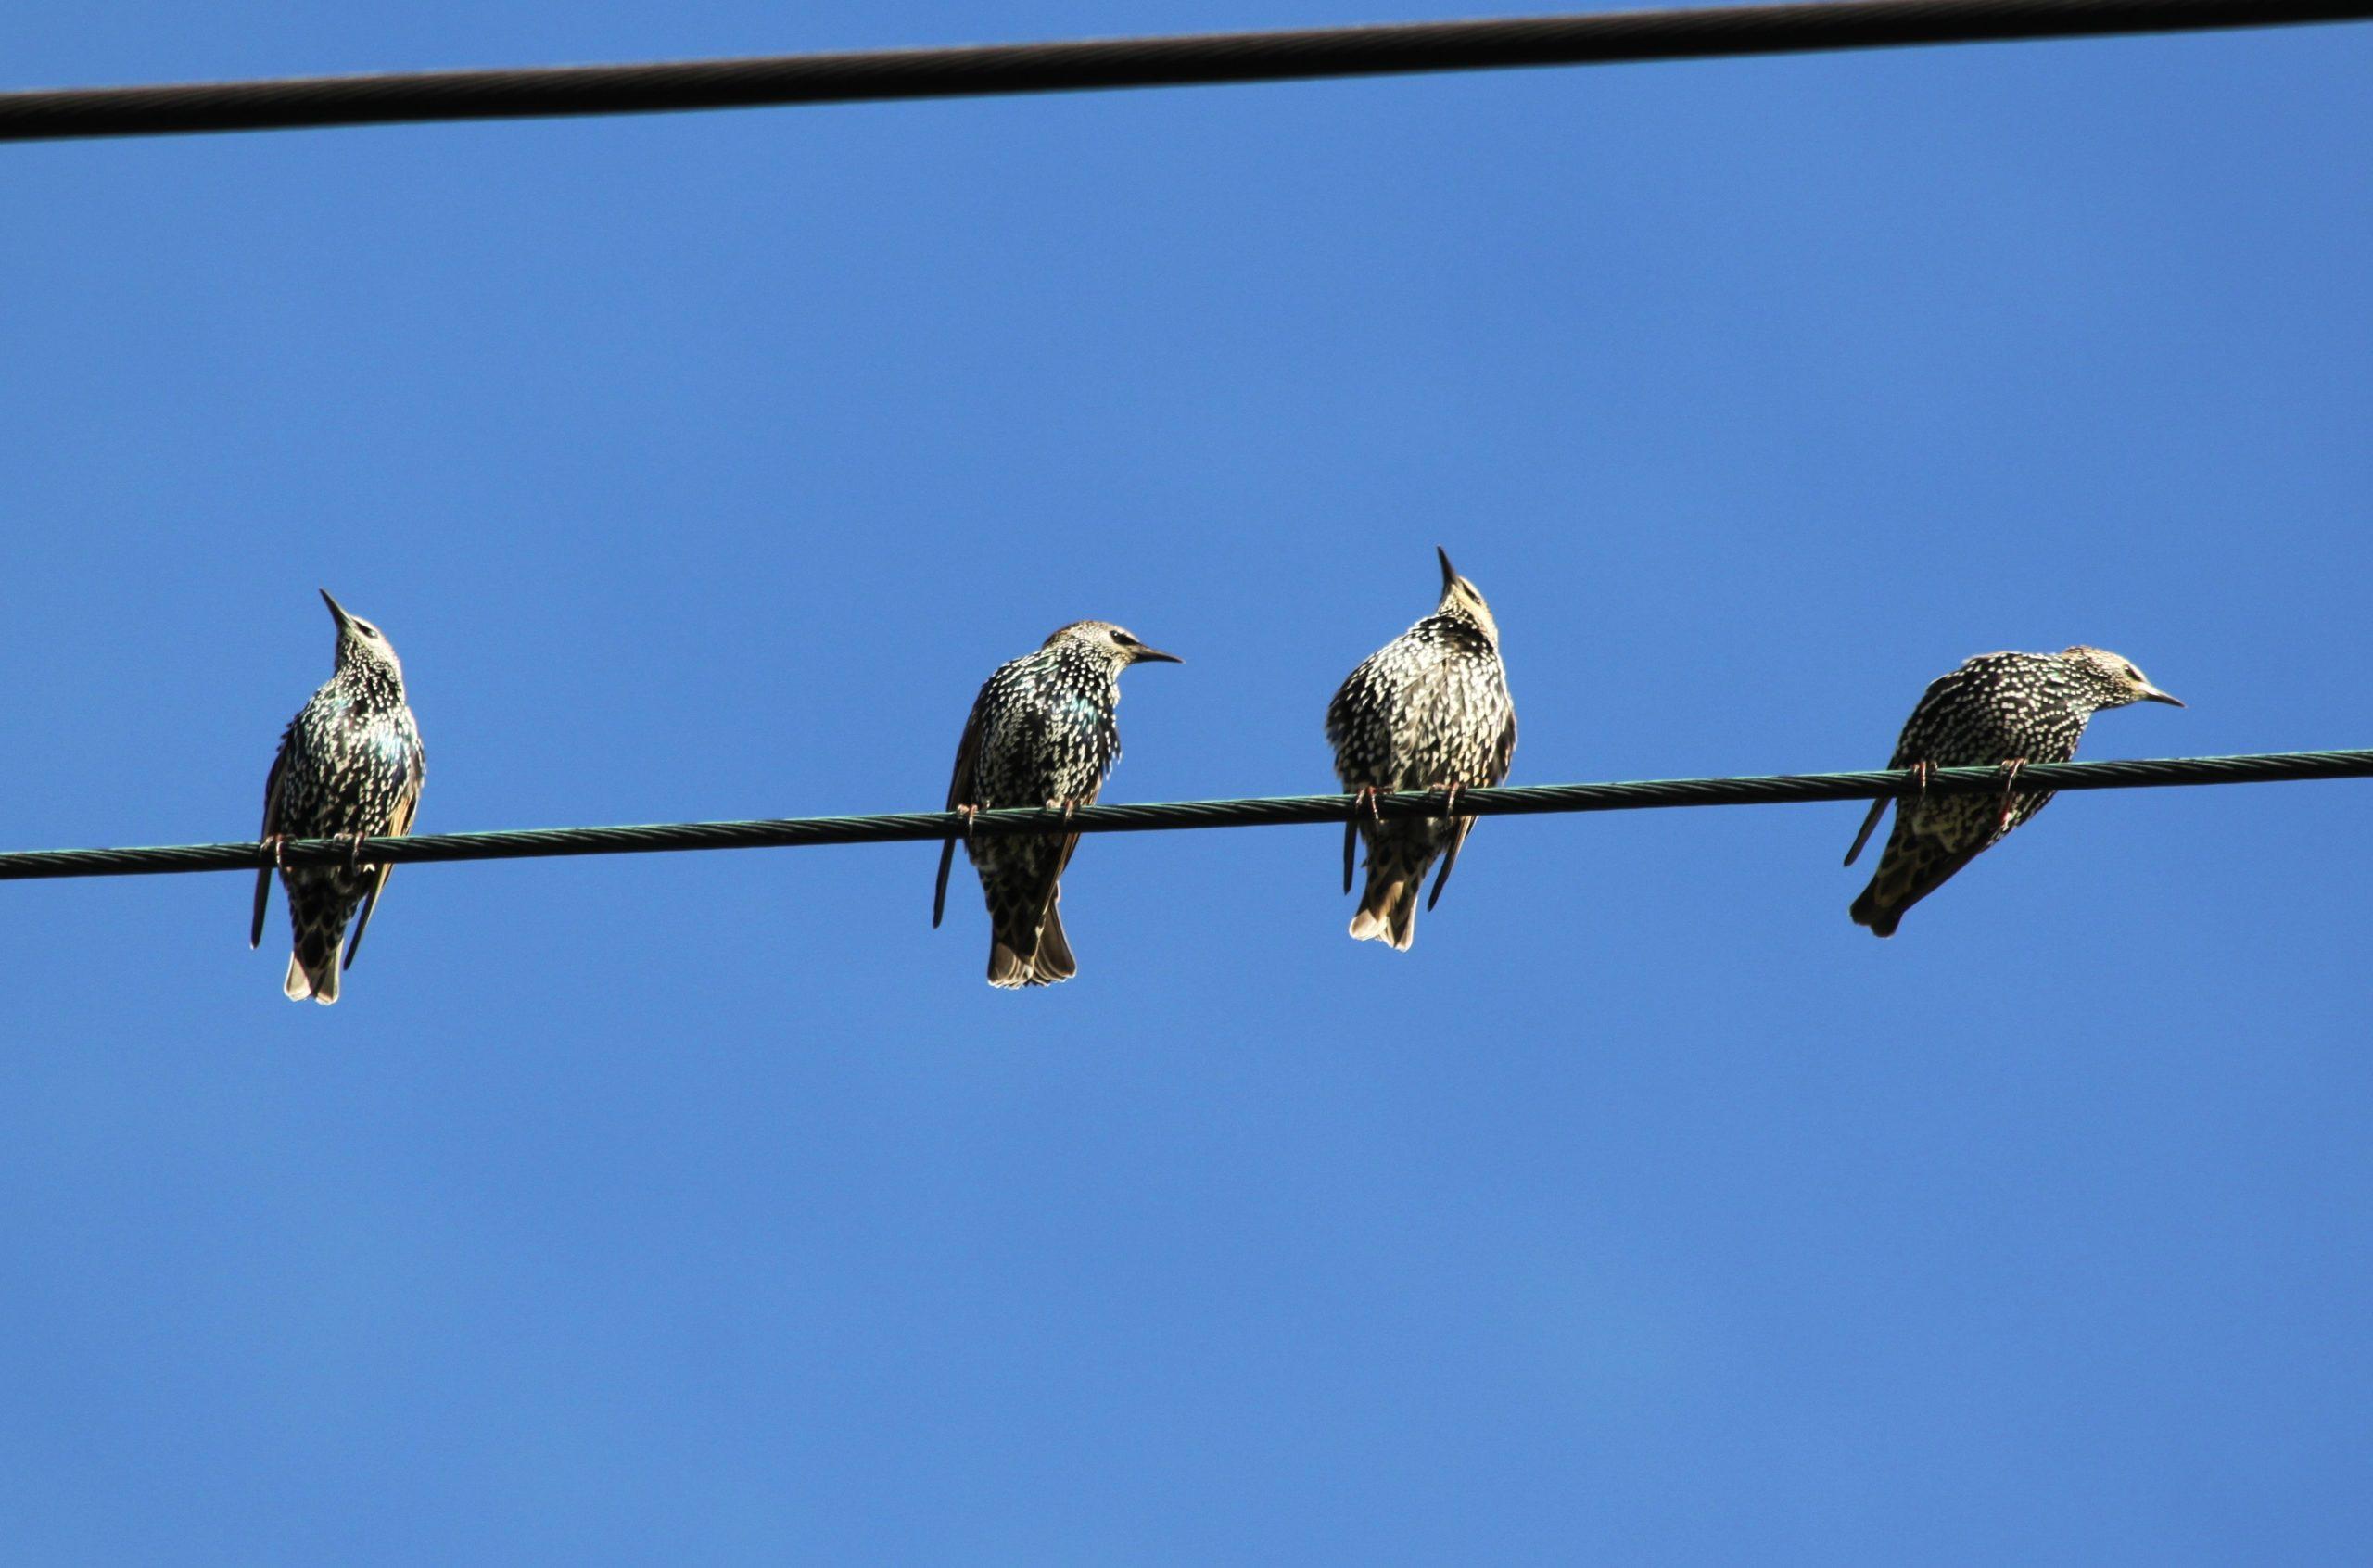 """Přednáška """"Ptáci a voda ve městě"""" přiblíží důležitost vodních zdrojů pro přežití ptactva v městském prostředí"""